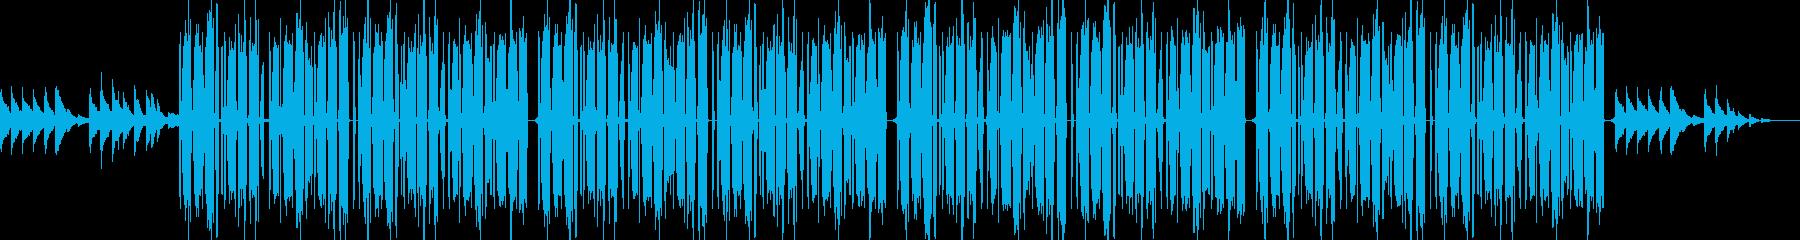 ヒップホップ ビート 悲しい 切ない 夢の再生済みの波形